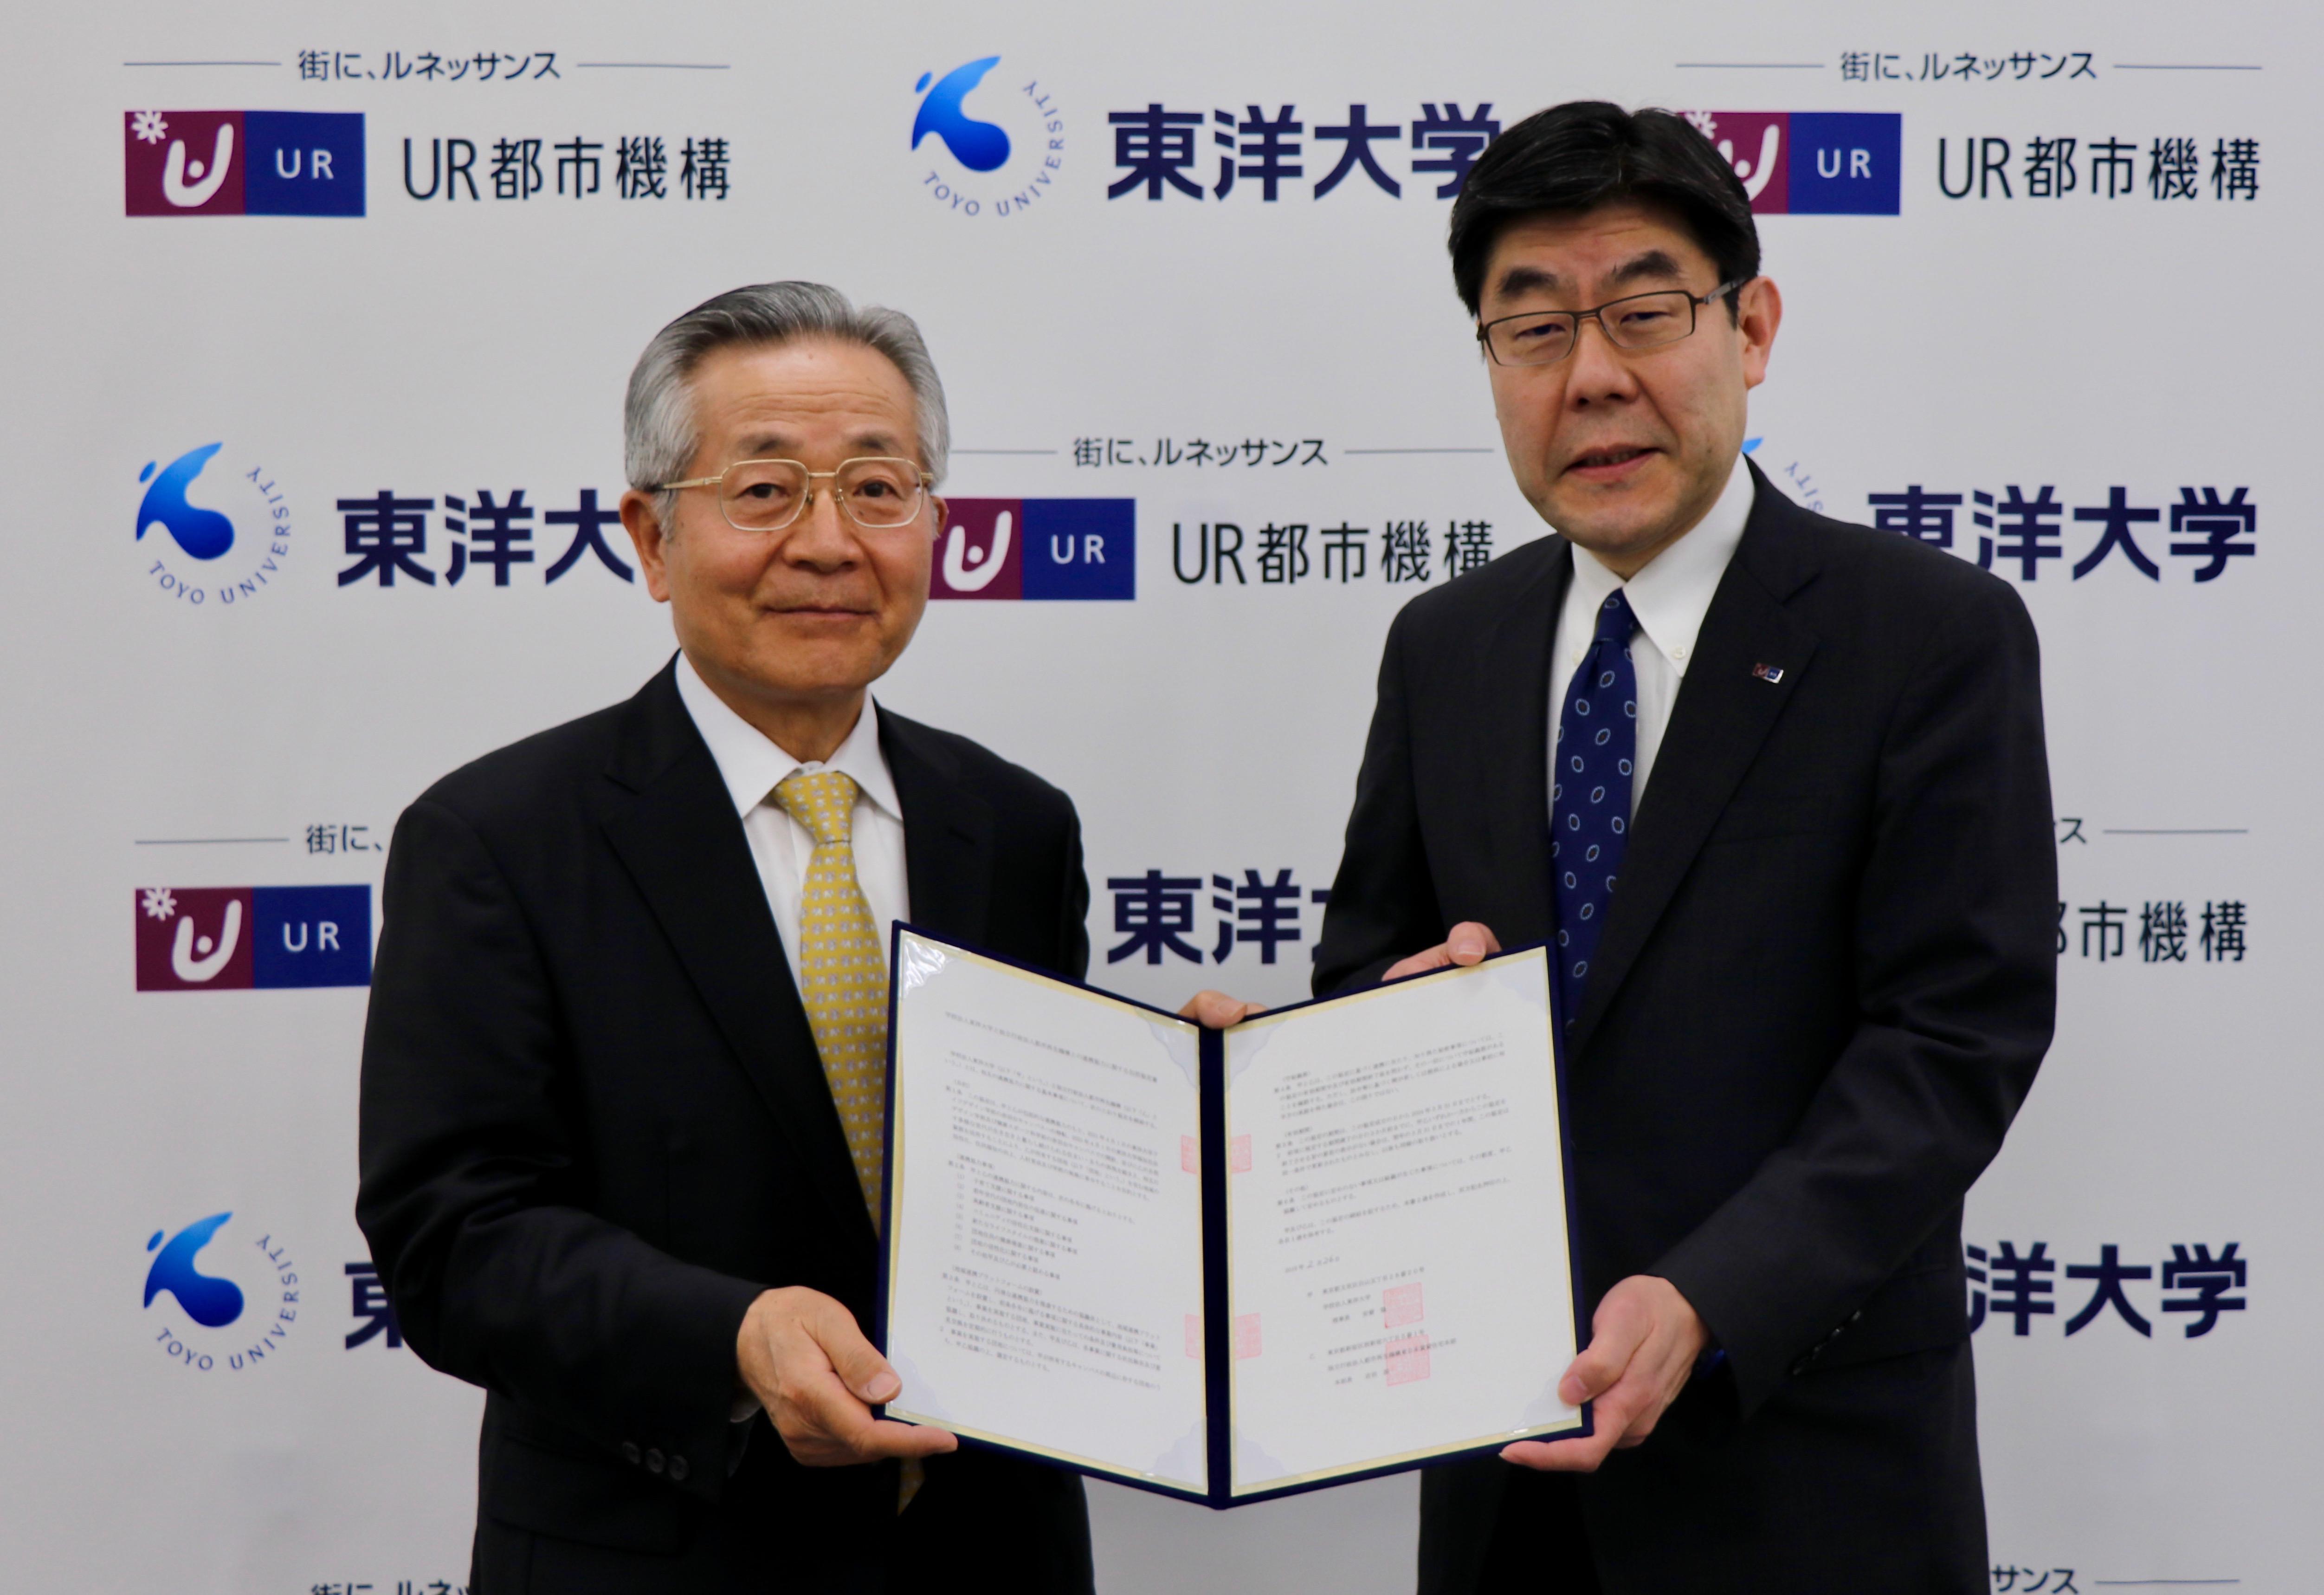 地域活性化に向け東洋大学とUR都市機構が連携協定を締結